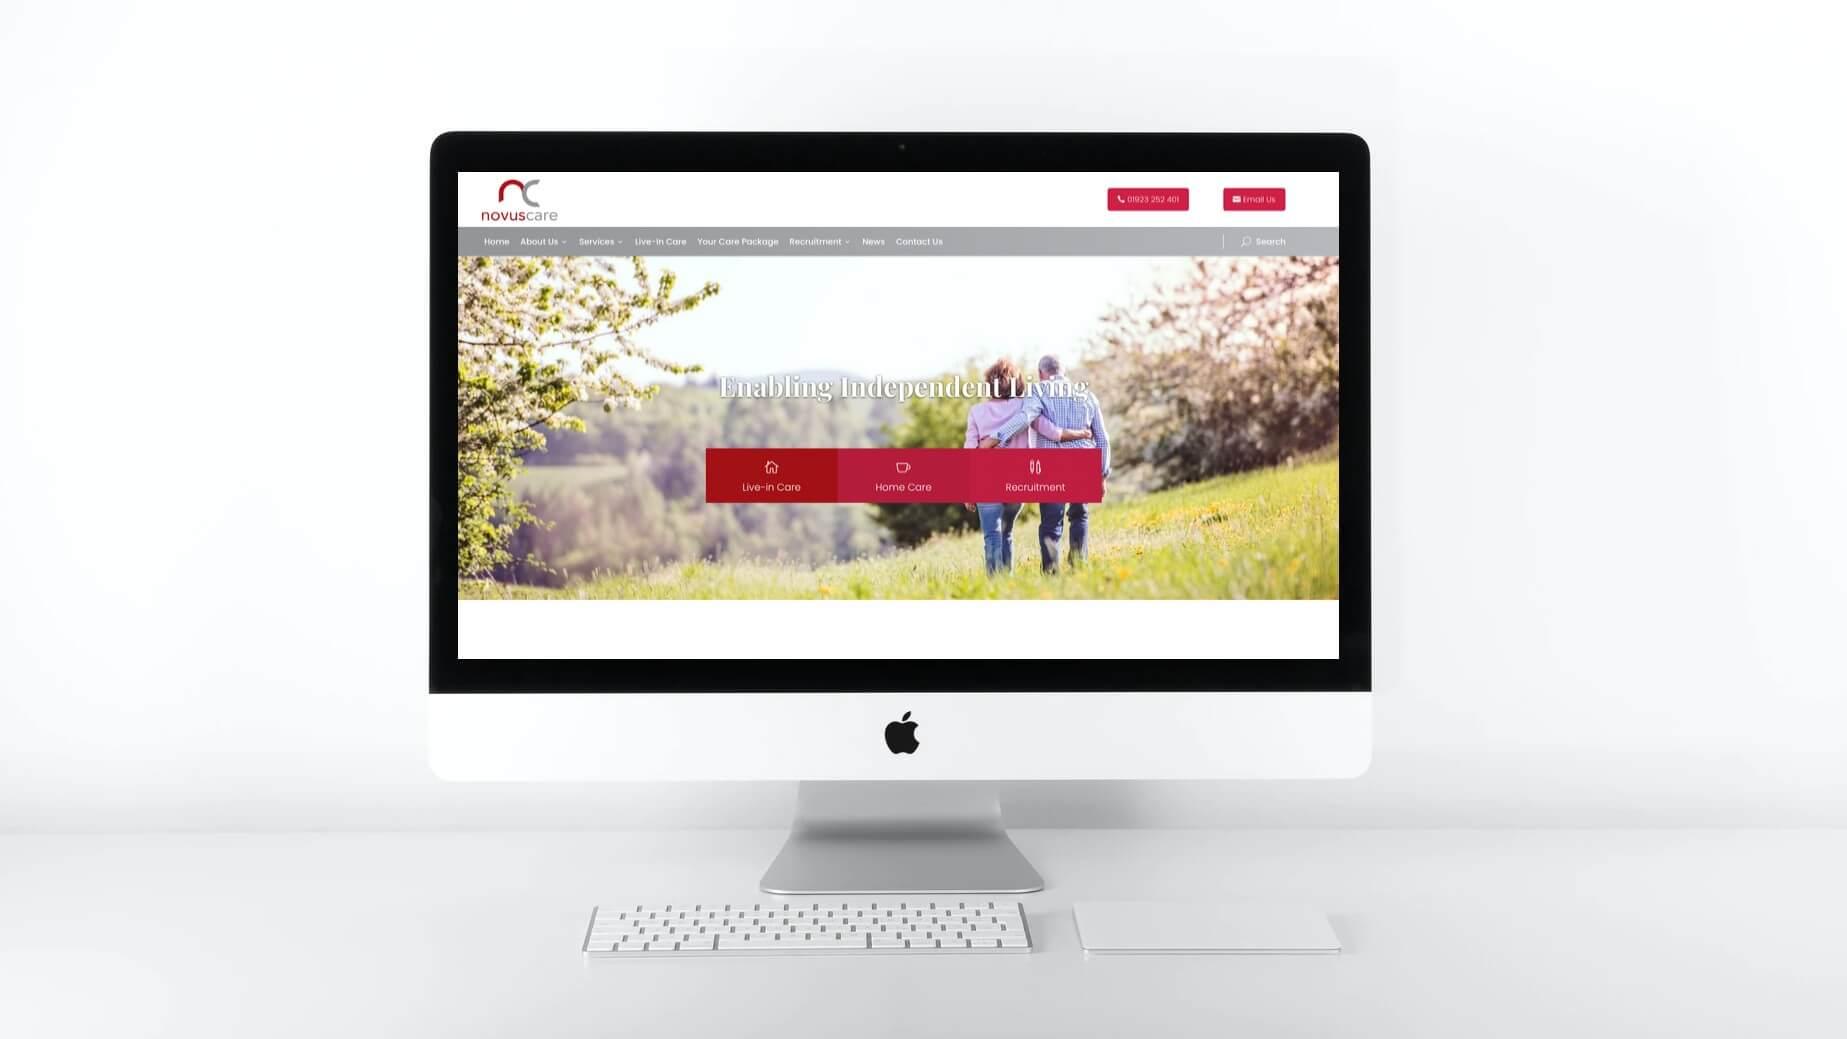 Novus Care Website Design